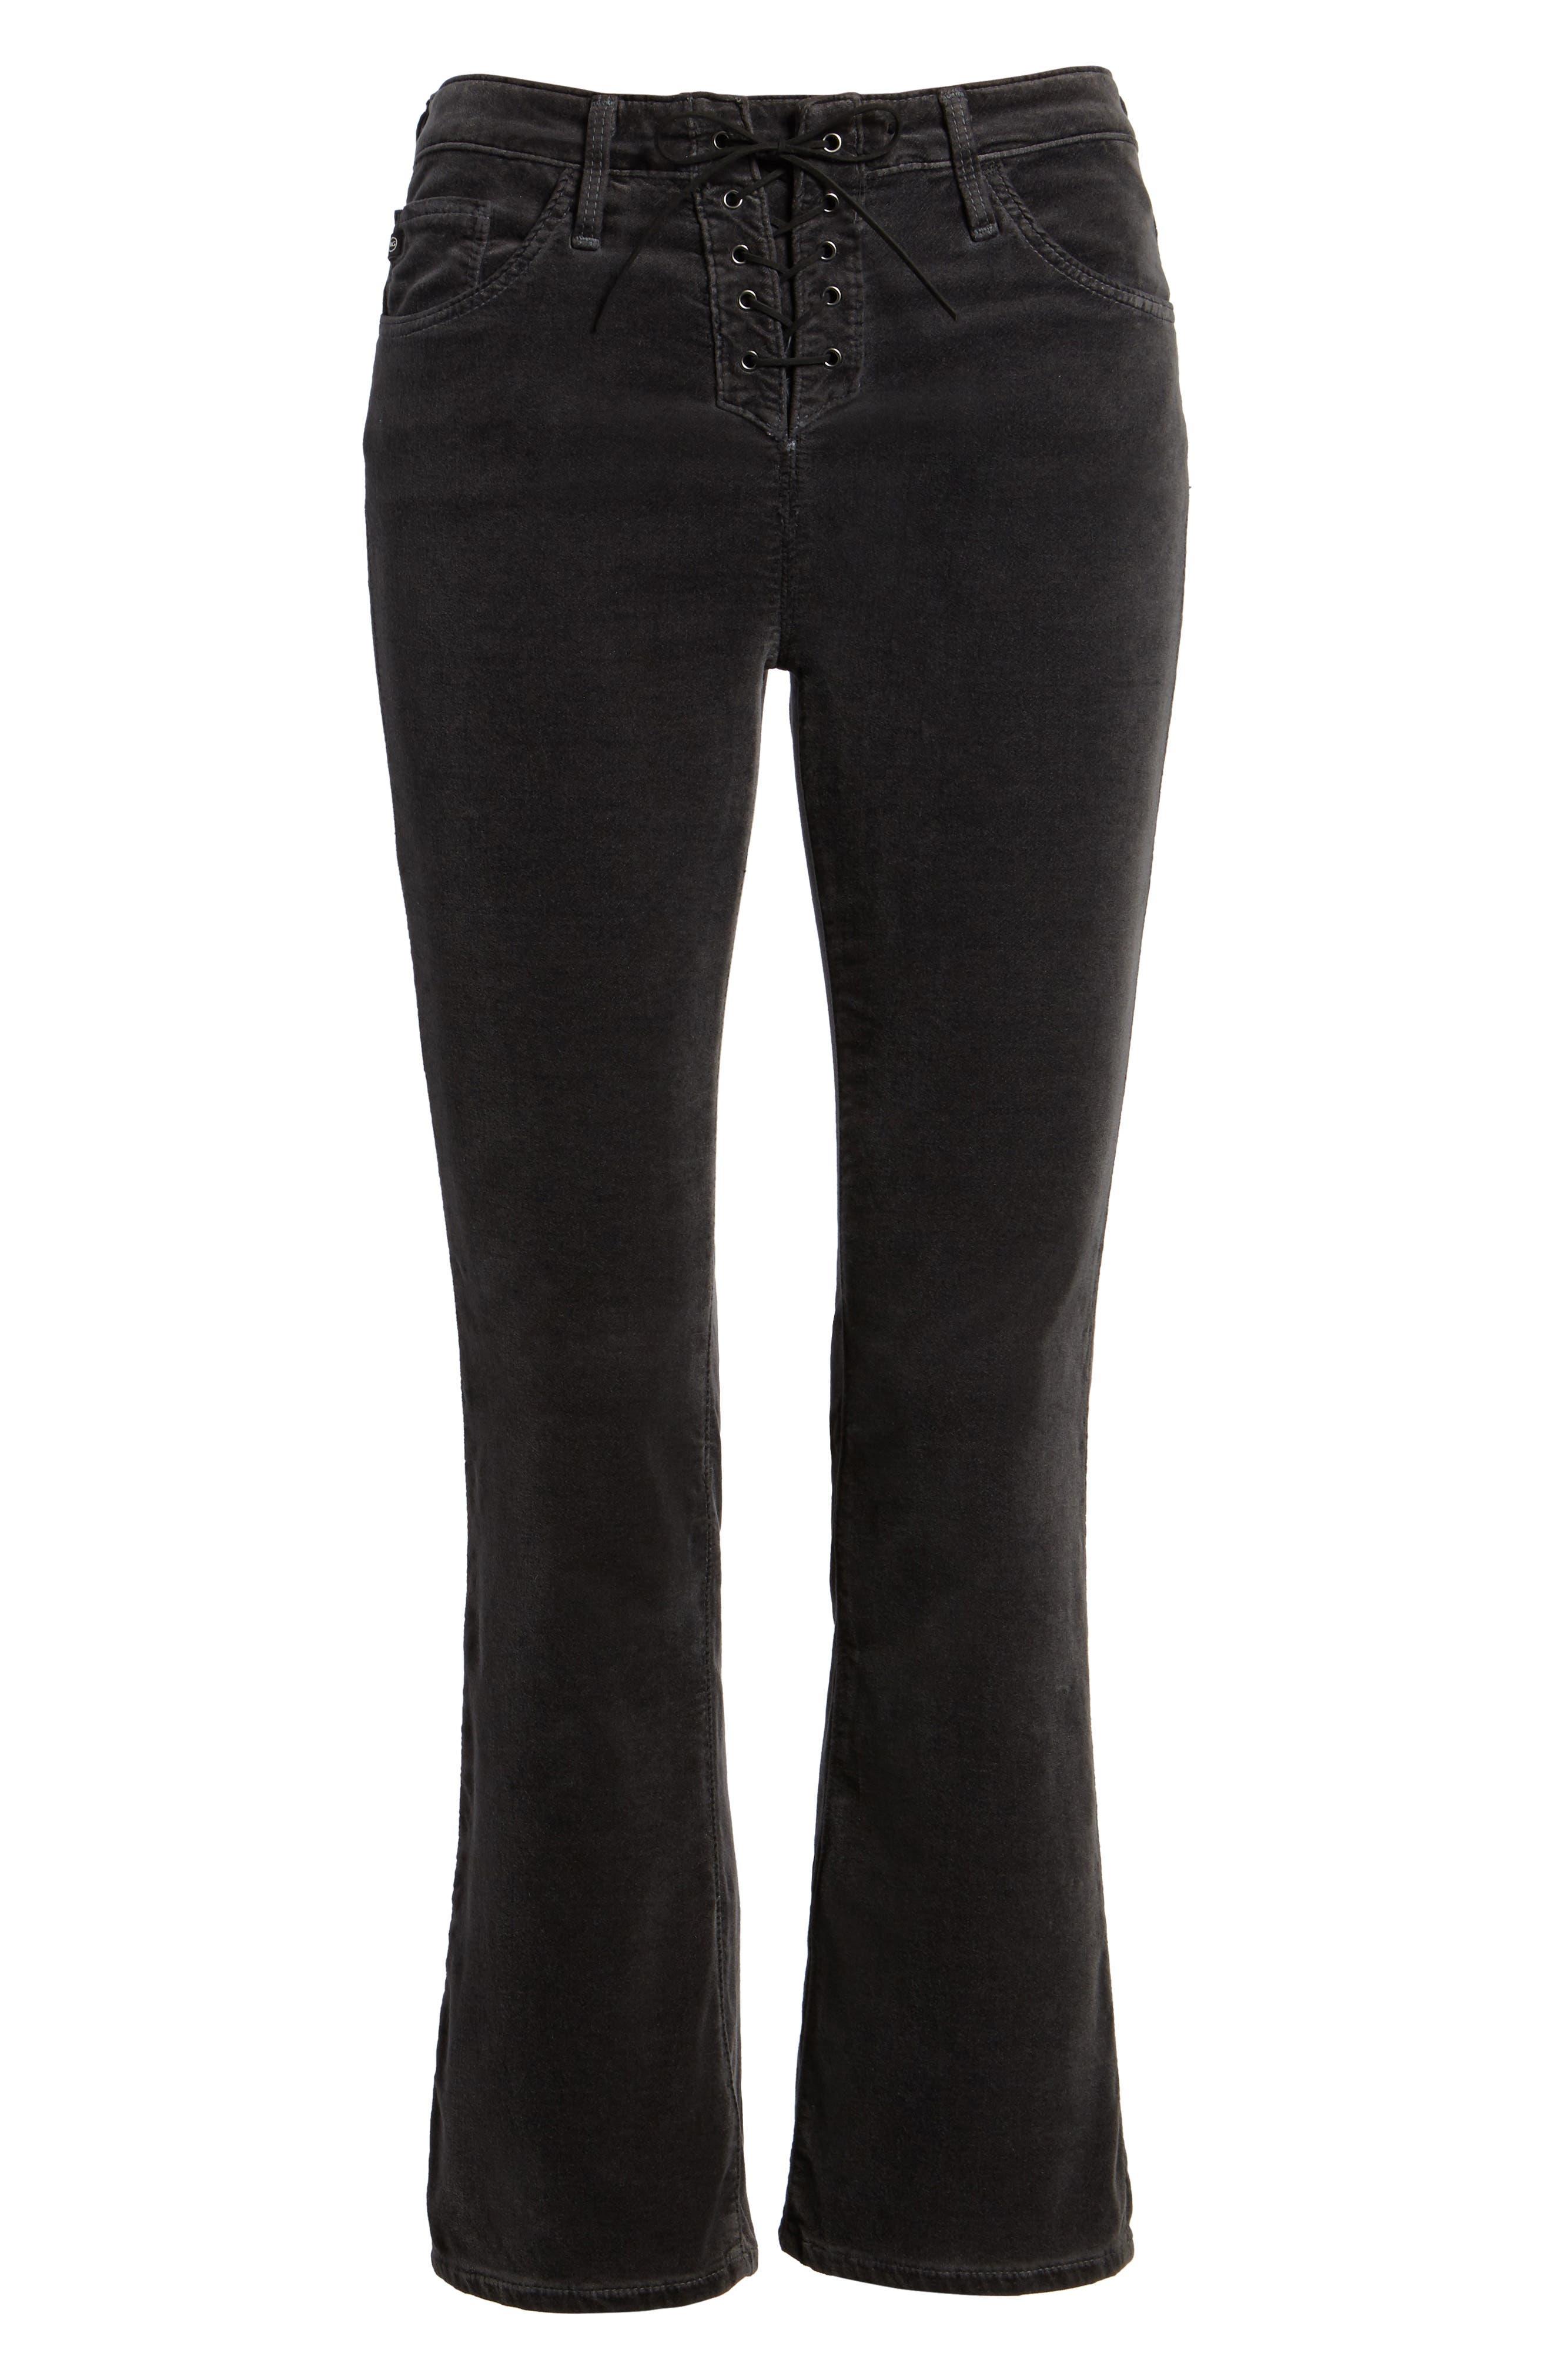 Jodi Lace-Up Crop Jeans,                             Alternate thumbnail 6, color,                             003